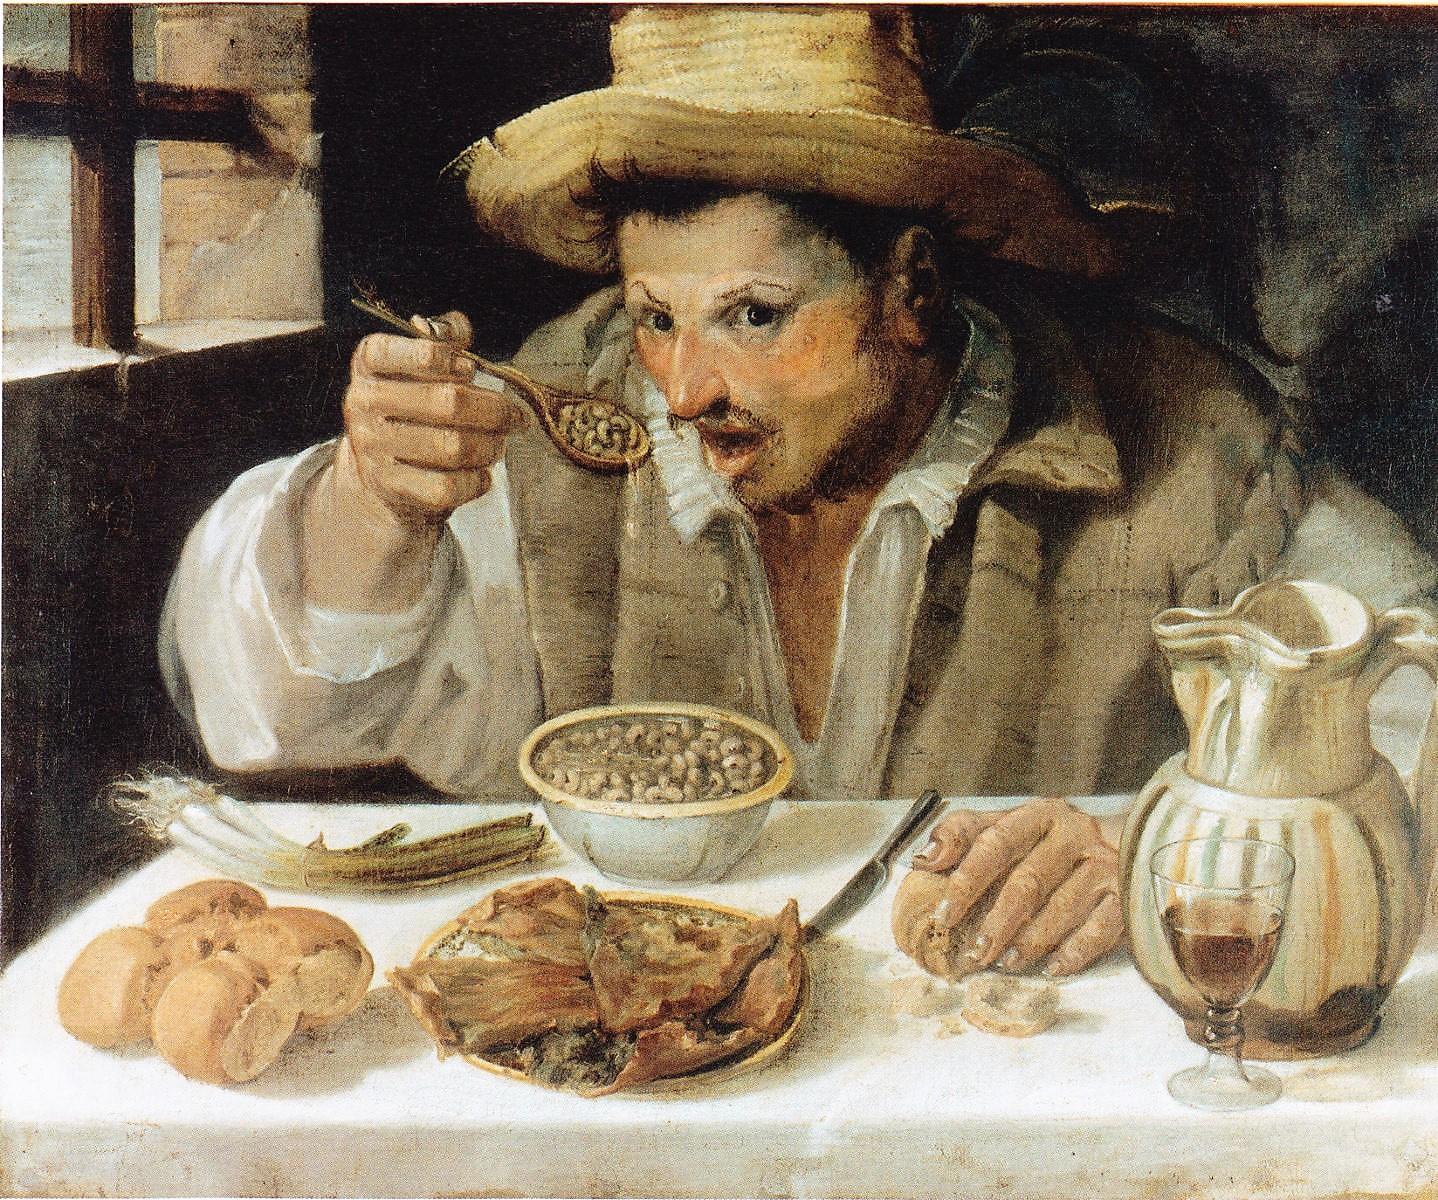 Annibale Carracci Mangiafagioli 1438x1200 (2)